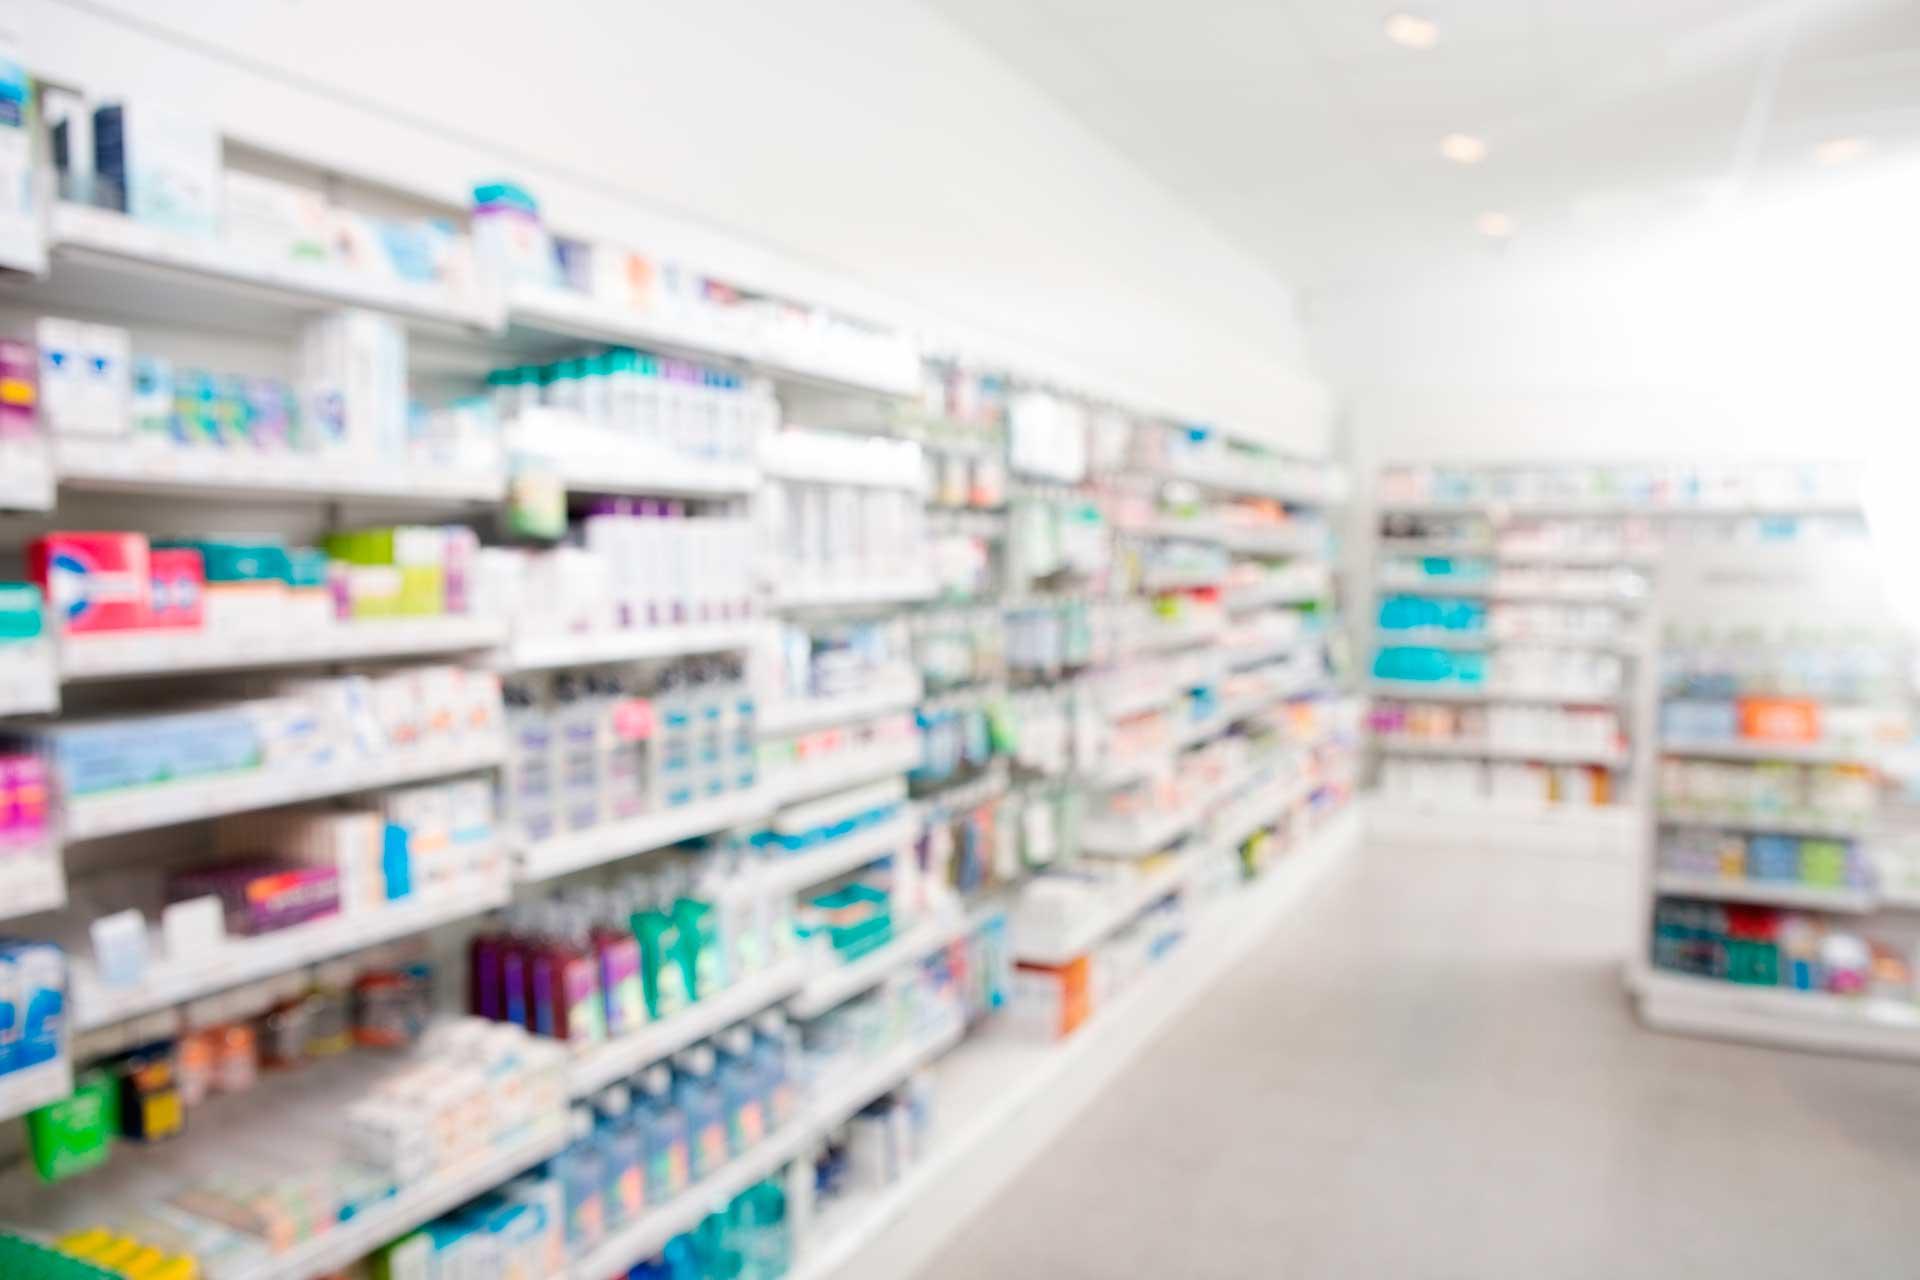 La revolución tecnológica llega a tu farmacia